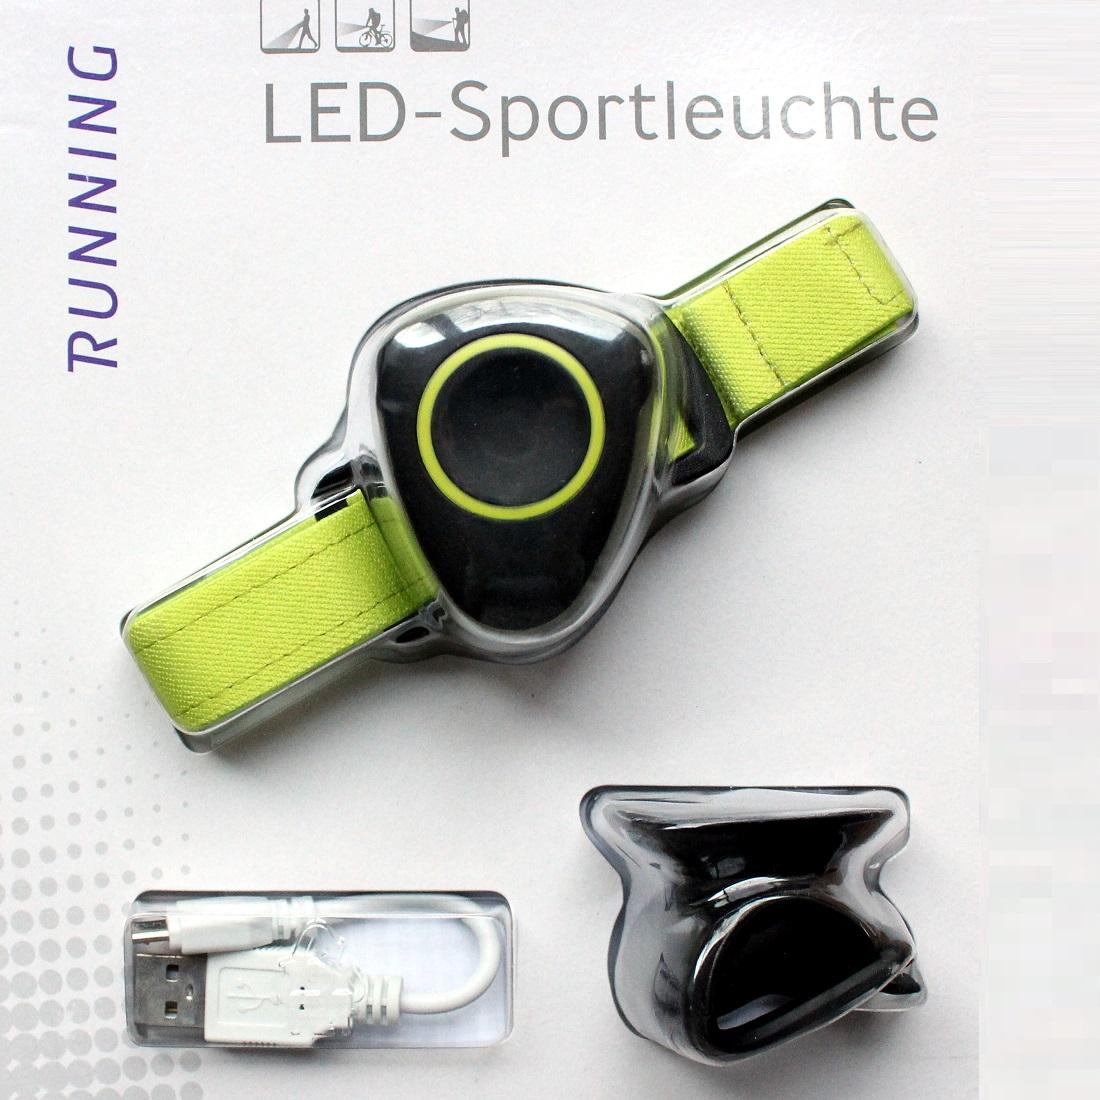 EIE Cree LED-Sportleuchte oder Fahrradlampe mit Akku